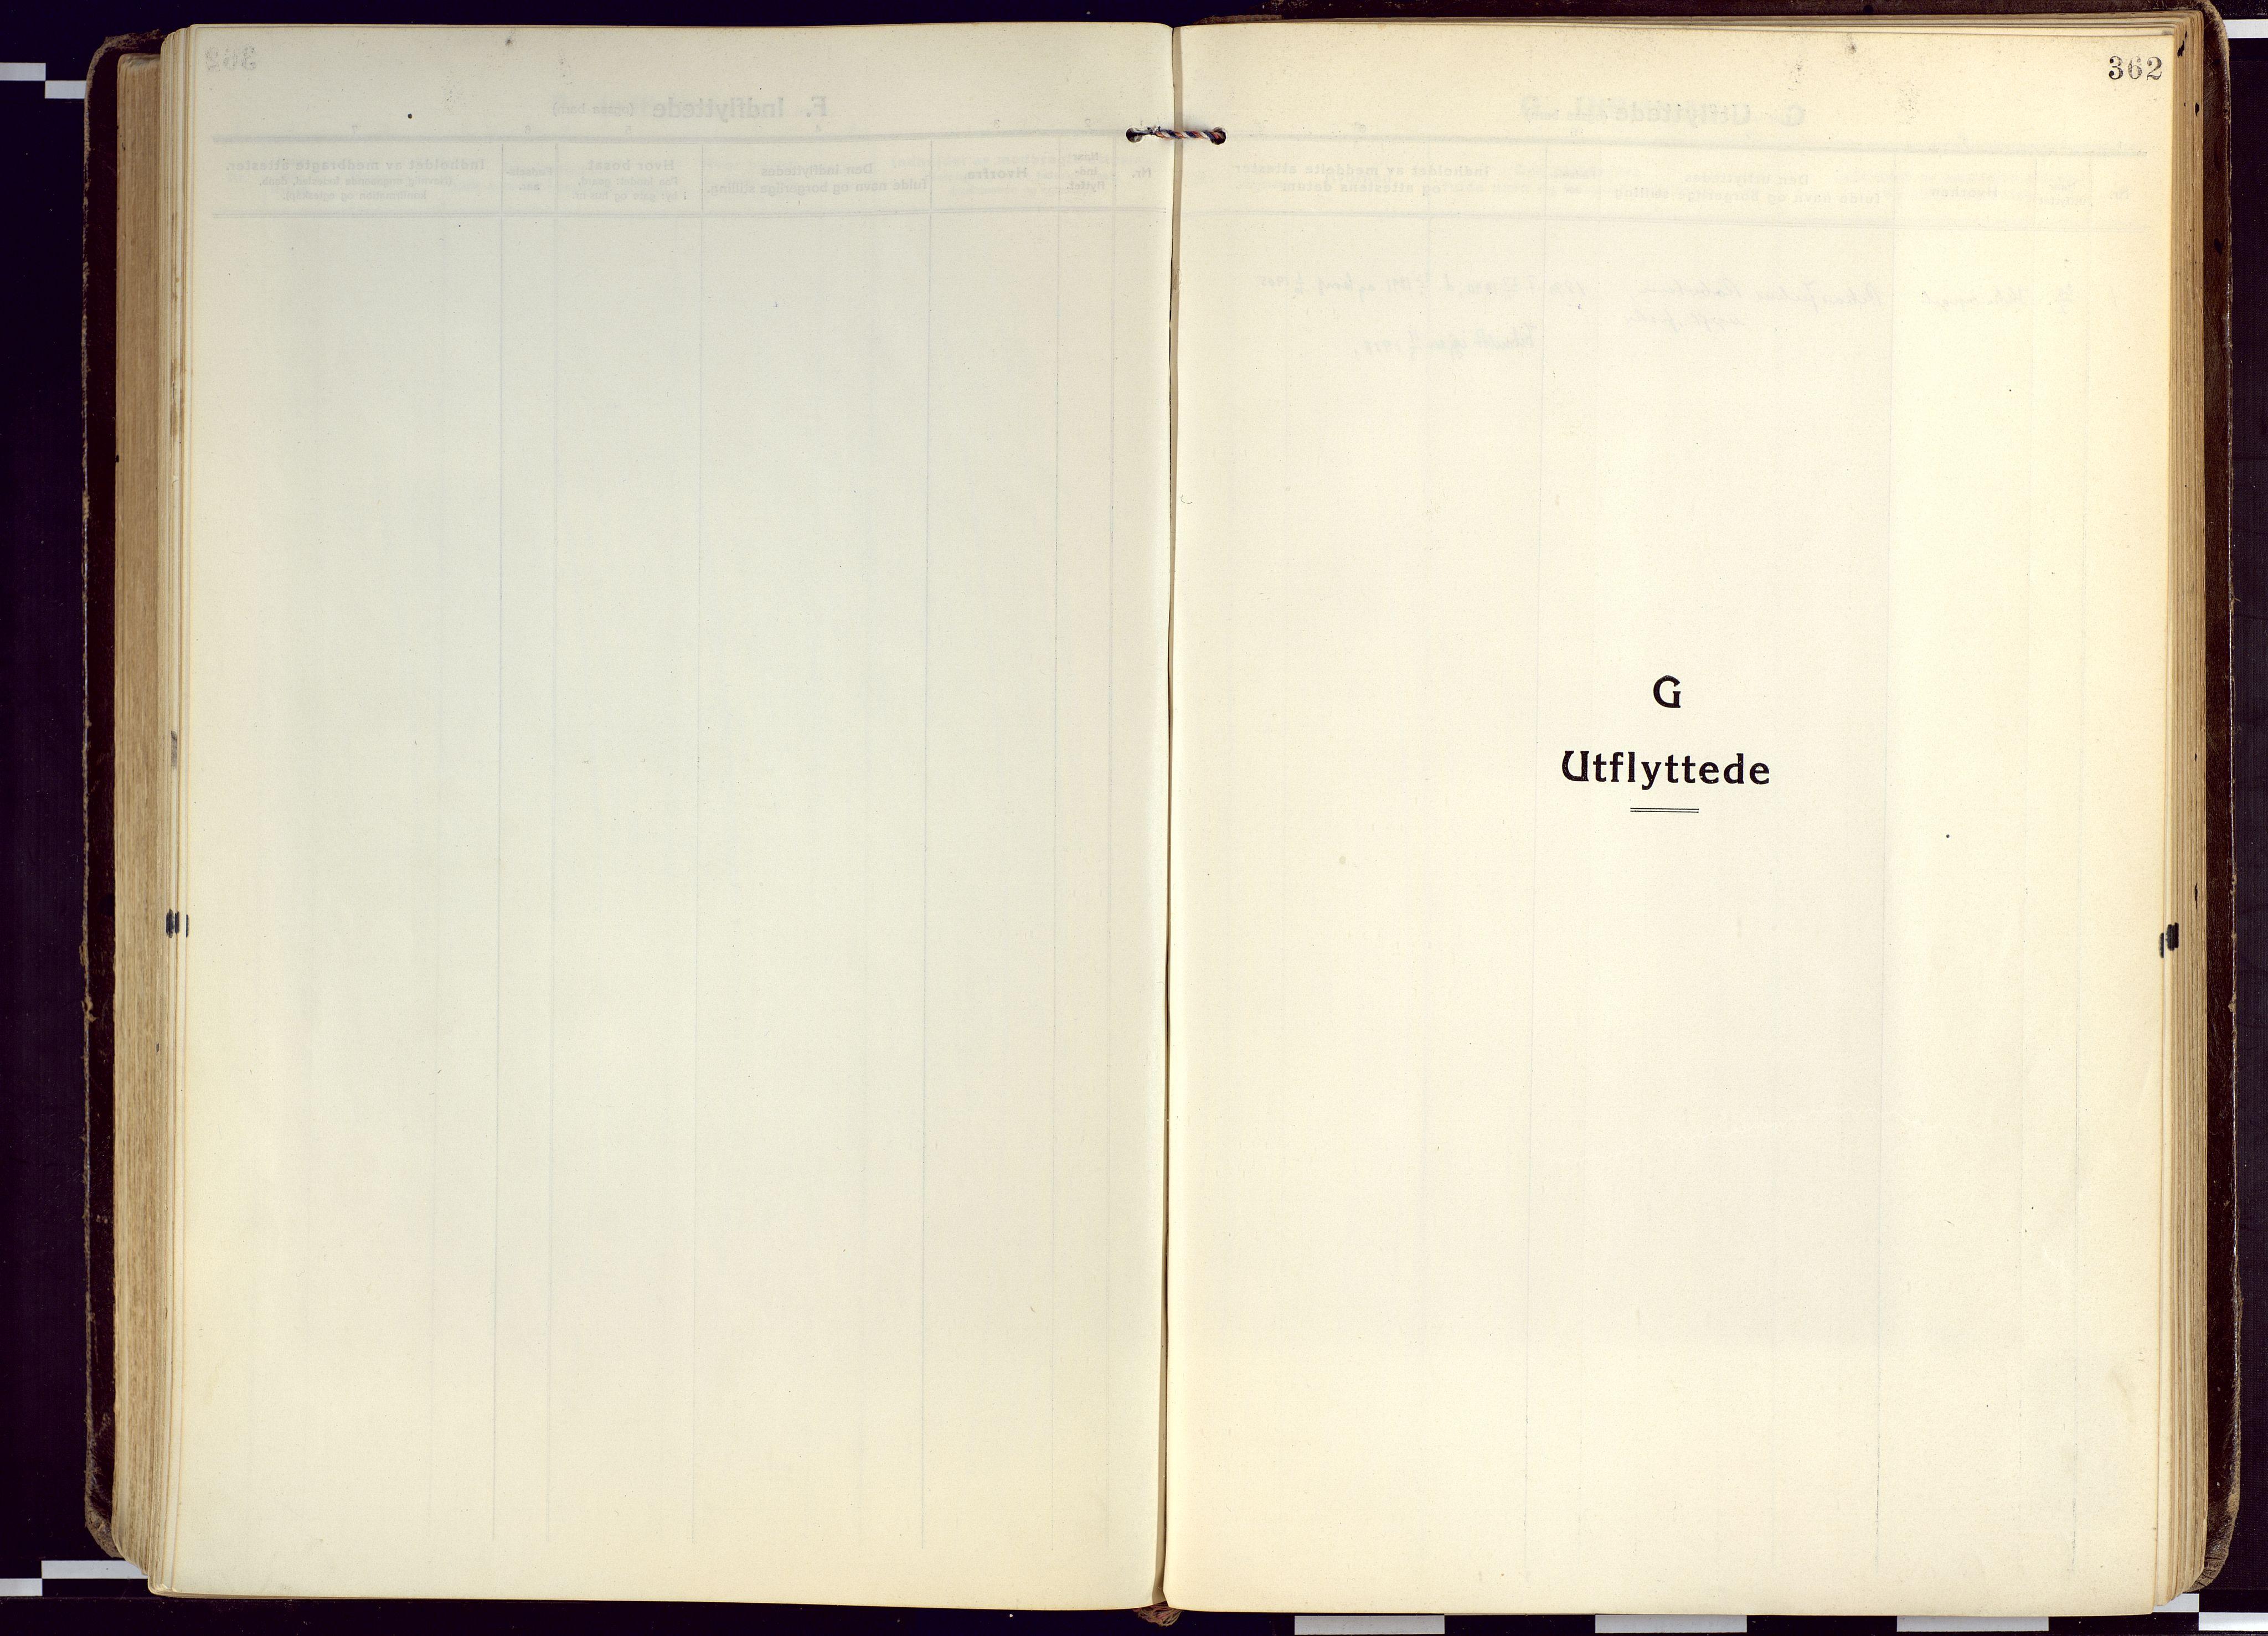 SATØ, Karlsøy sokneprestembete, Ministerialbok nr. 15, 1918-1929, s. 362